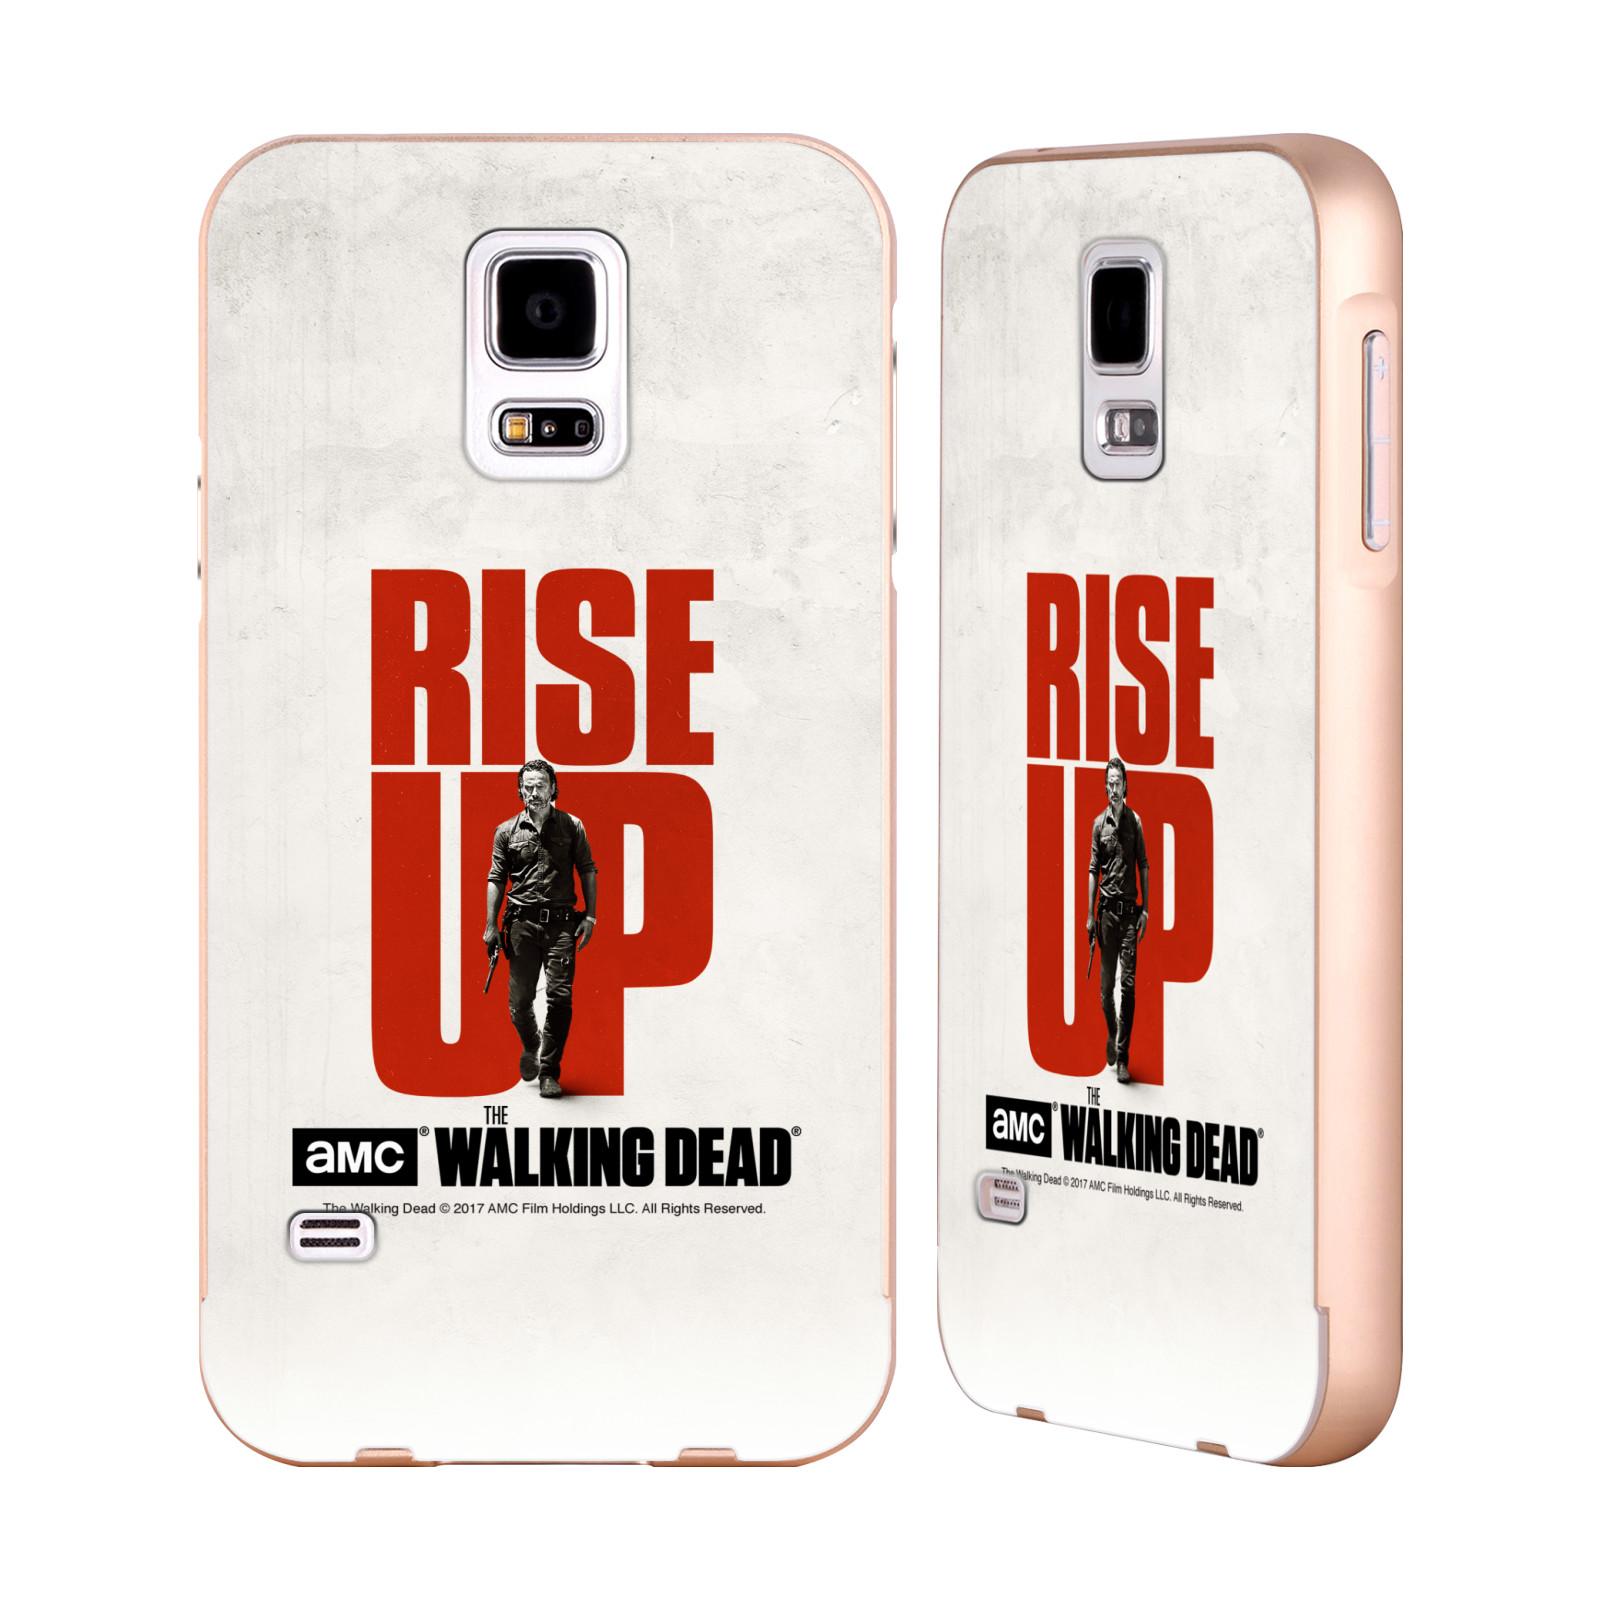 UFFICIALE-AMC-THE-WALKING-DEAD-ALZARSI-ORO-COVER-CONTORNO-PER-SAMSUNG-TELEFONI